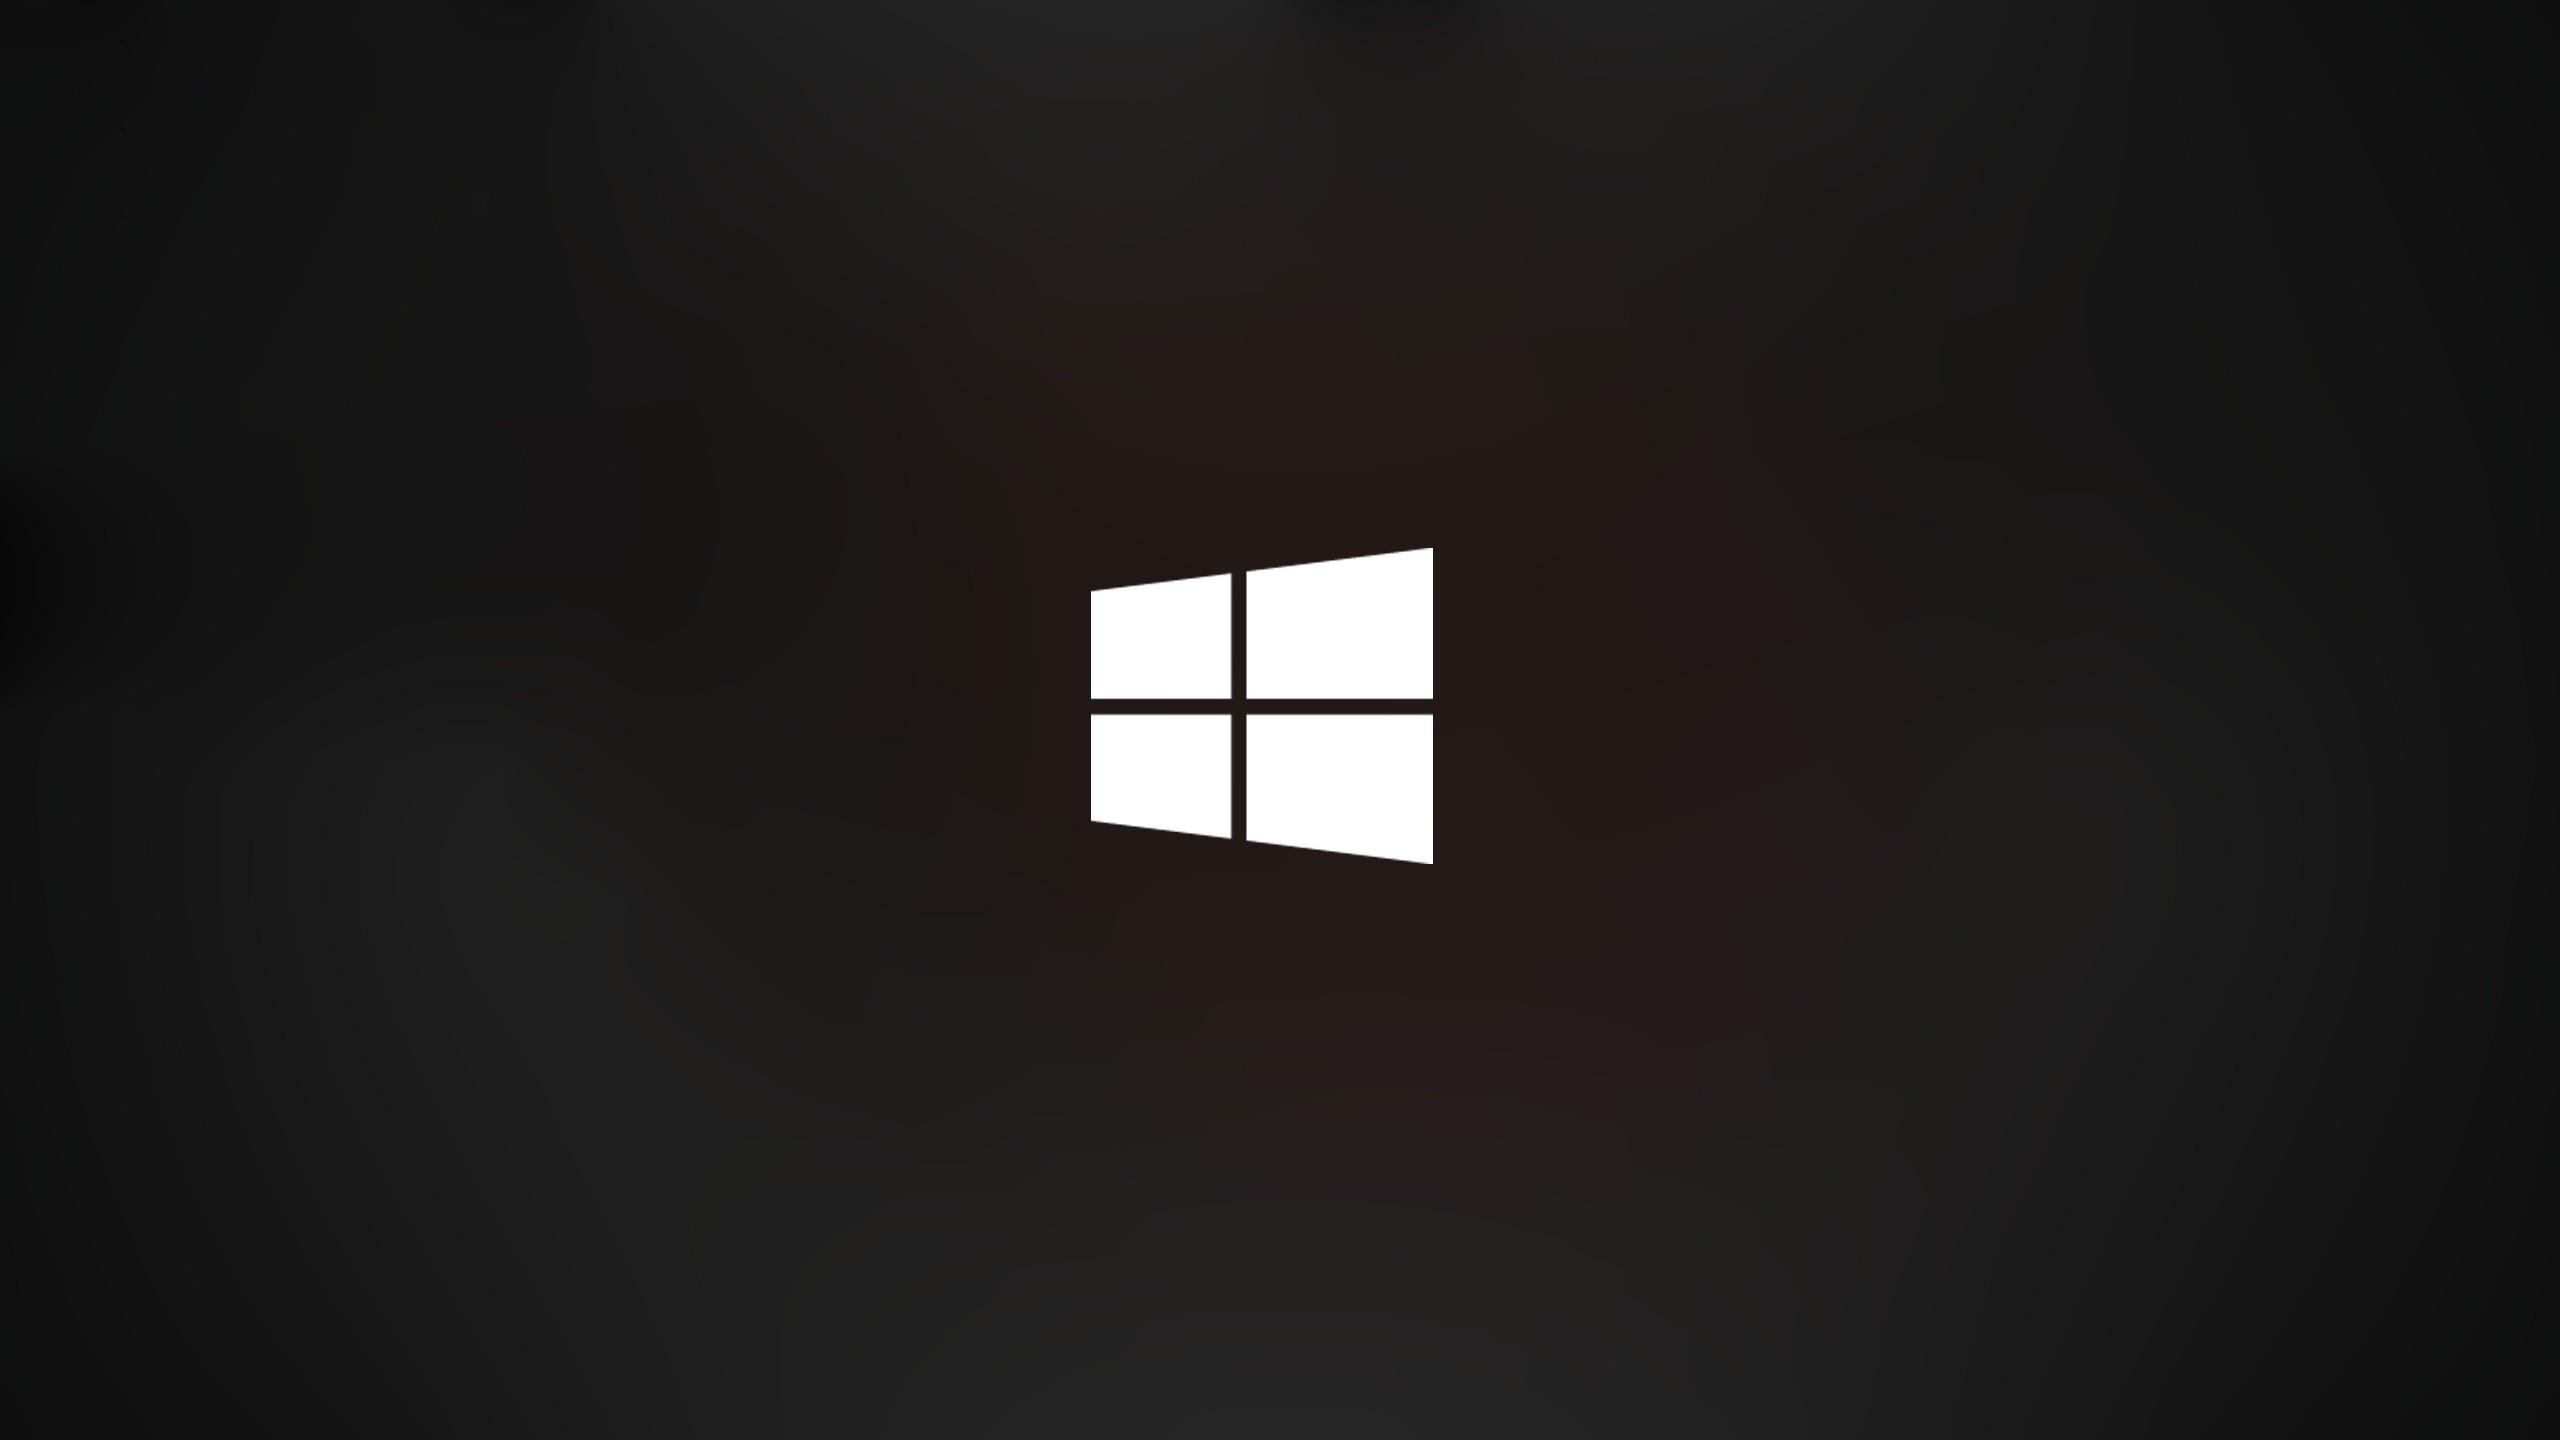 Fond Décran 2560x1440 Px Microsoft Windows La